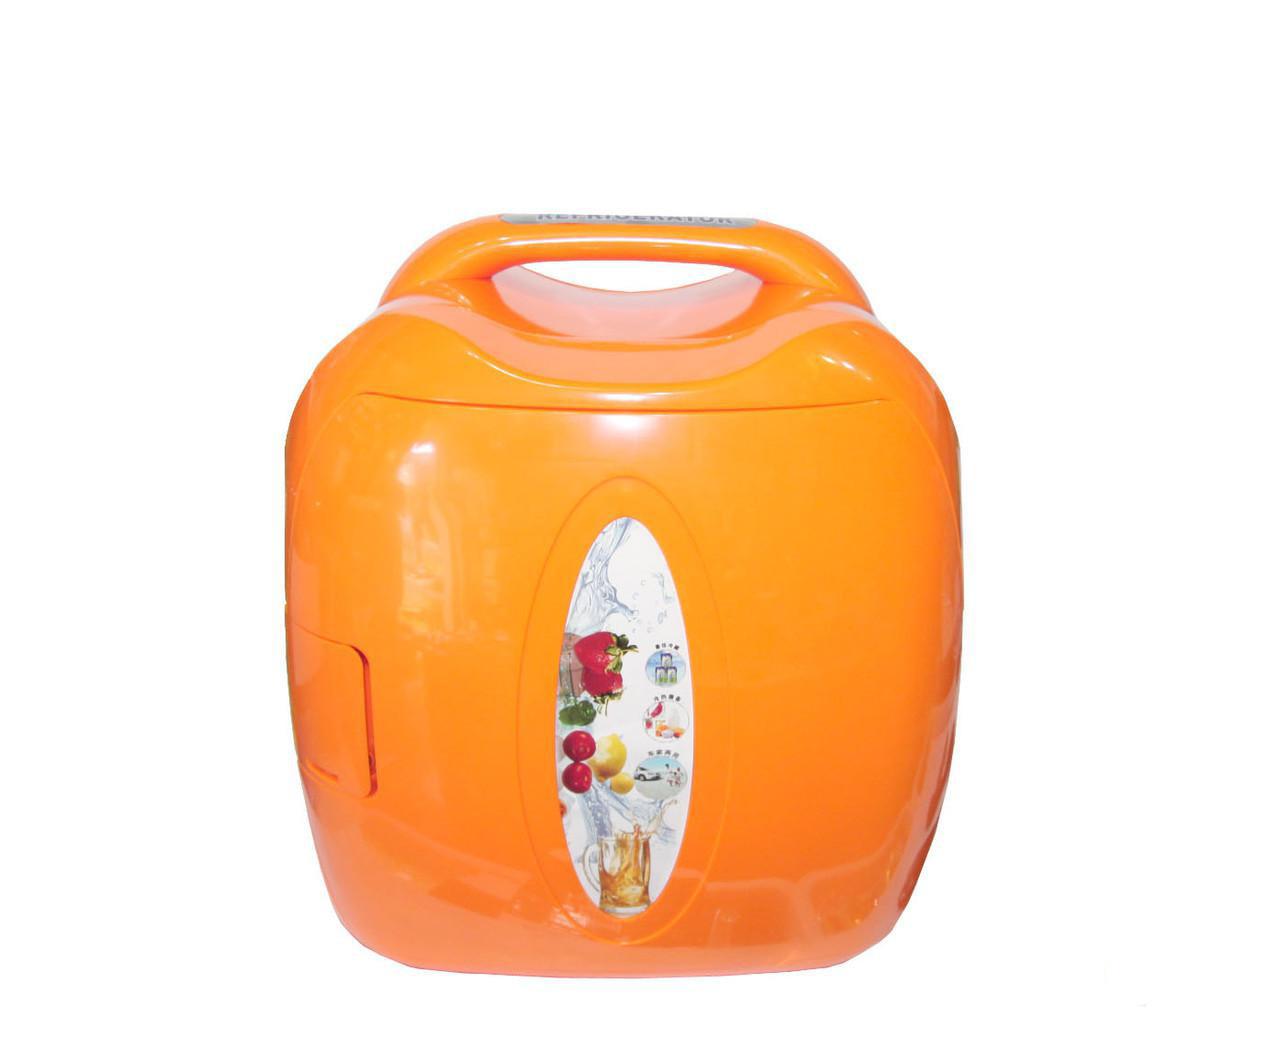 """Автомобильный мини-холодильник CongBao CB-D008 7.8L - Интернет-магазин """"Your smile"""" Киевстар +380686793227 Лайф +380731544707 в Одессе"""